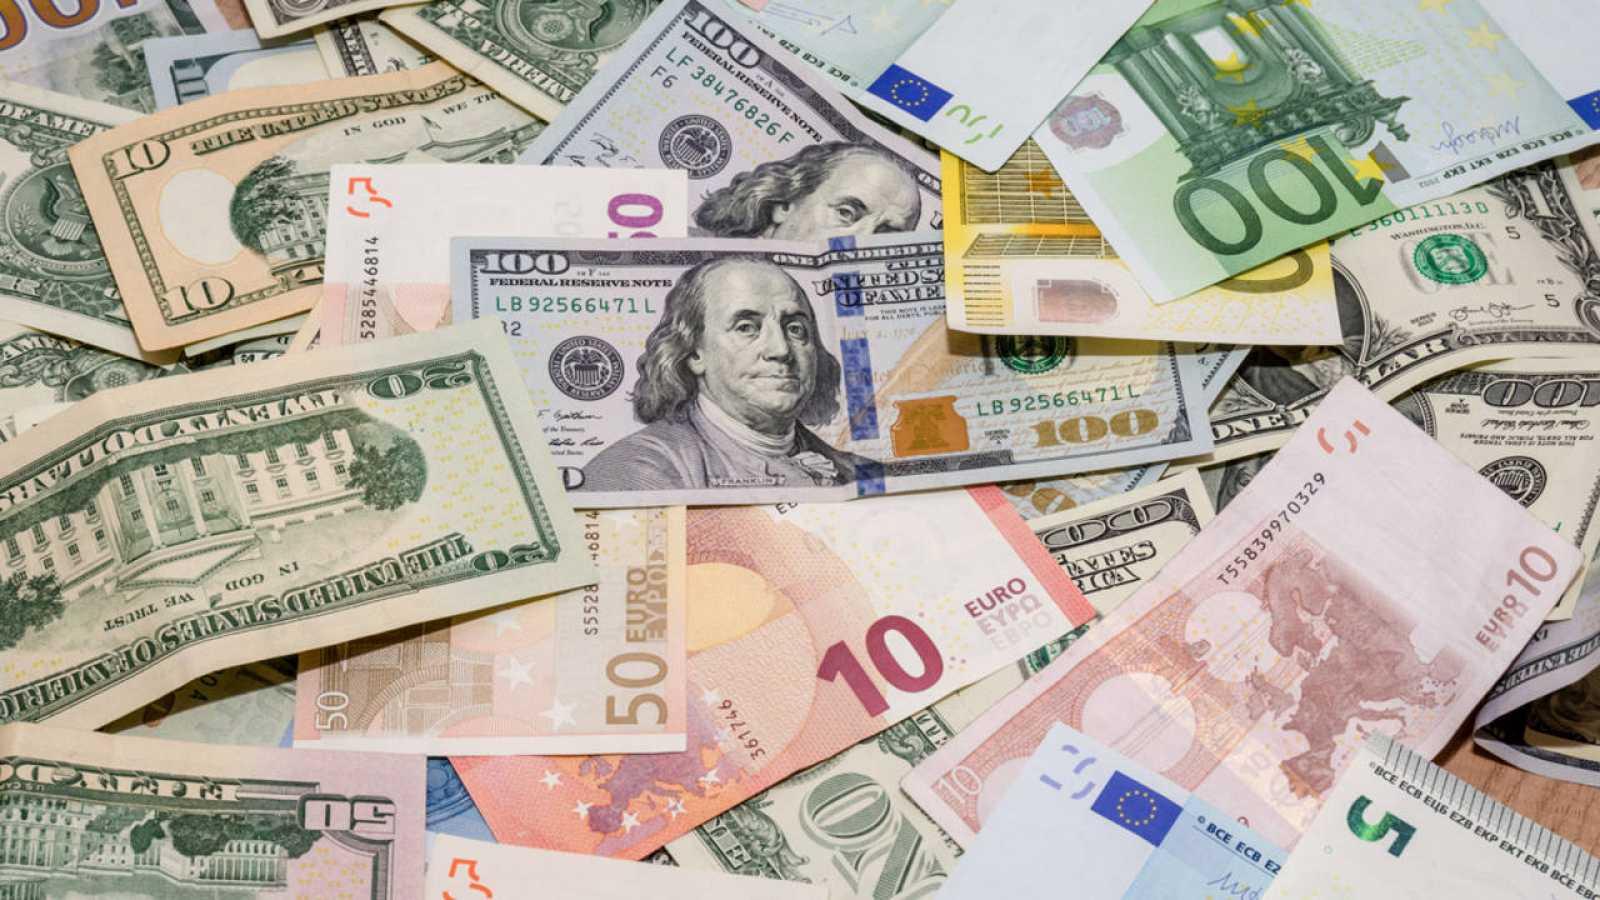 Dólares y euros en billetes de distintas denominaciones